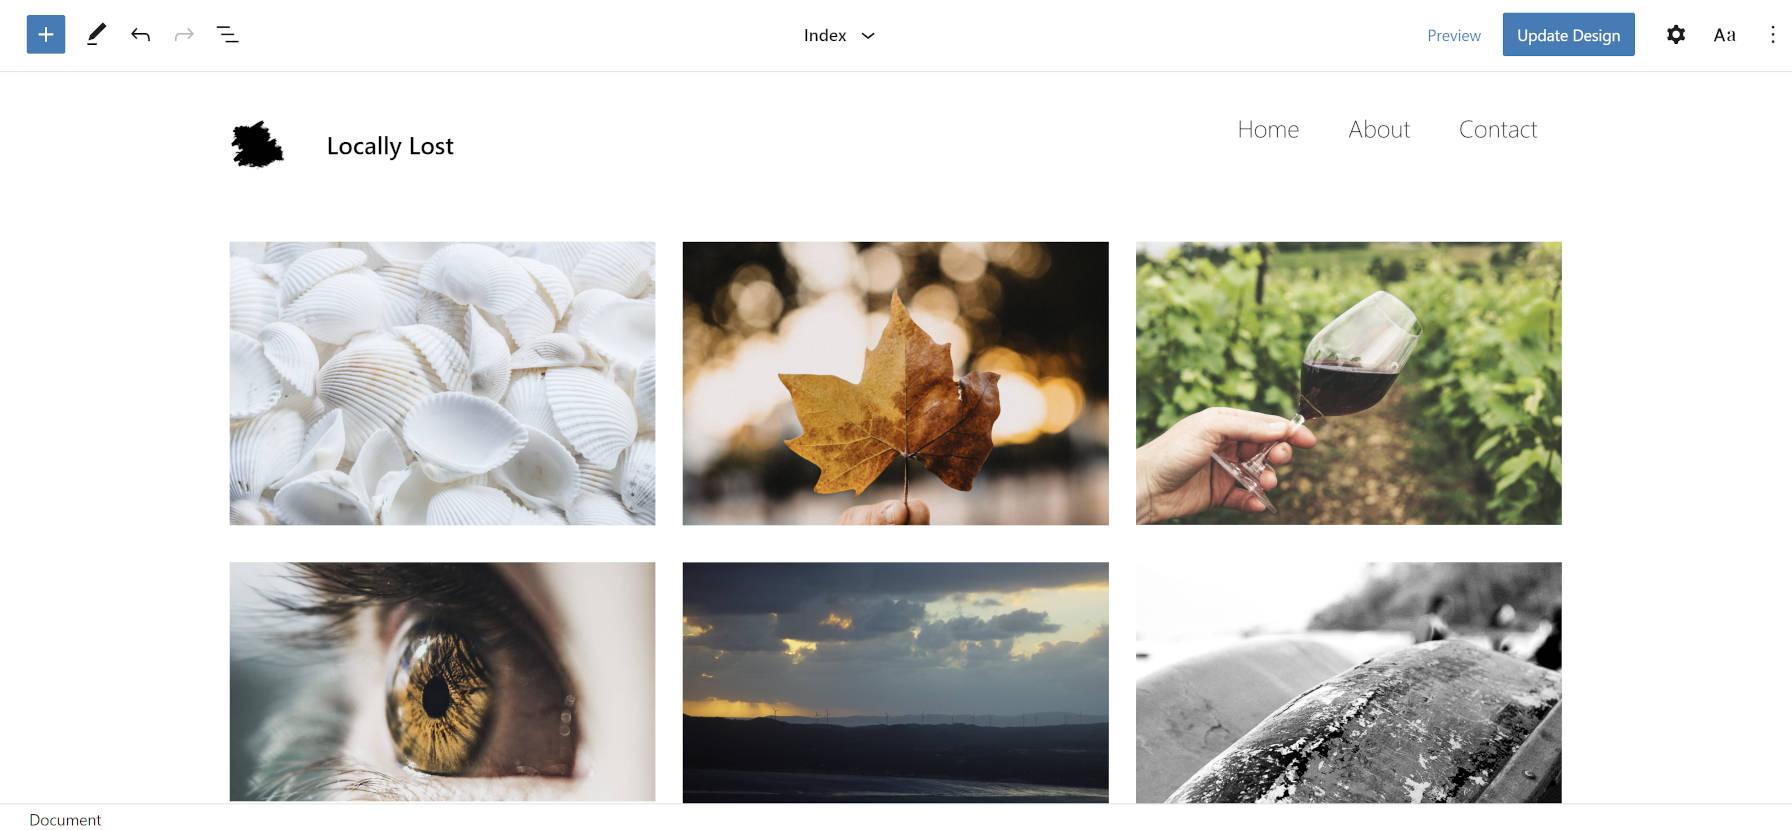 探索照片块,一个实验性的,准备就绪的照片博客主题探索照片块,一个实验性的FSE准备就绪的照片博客主题